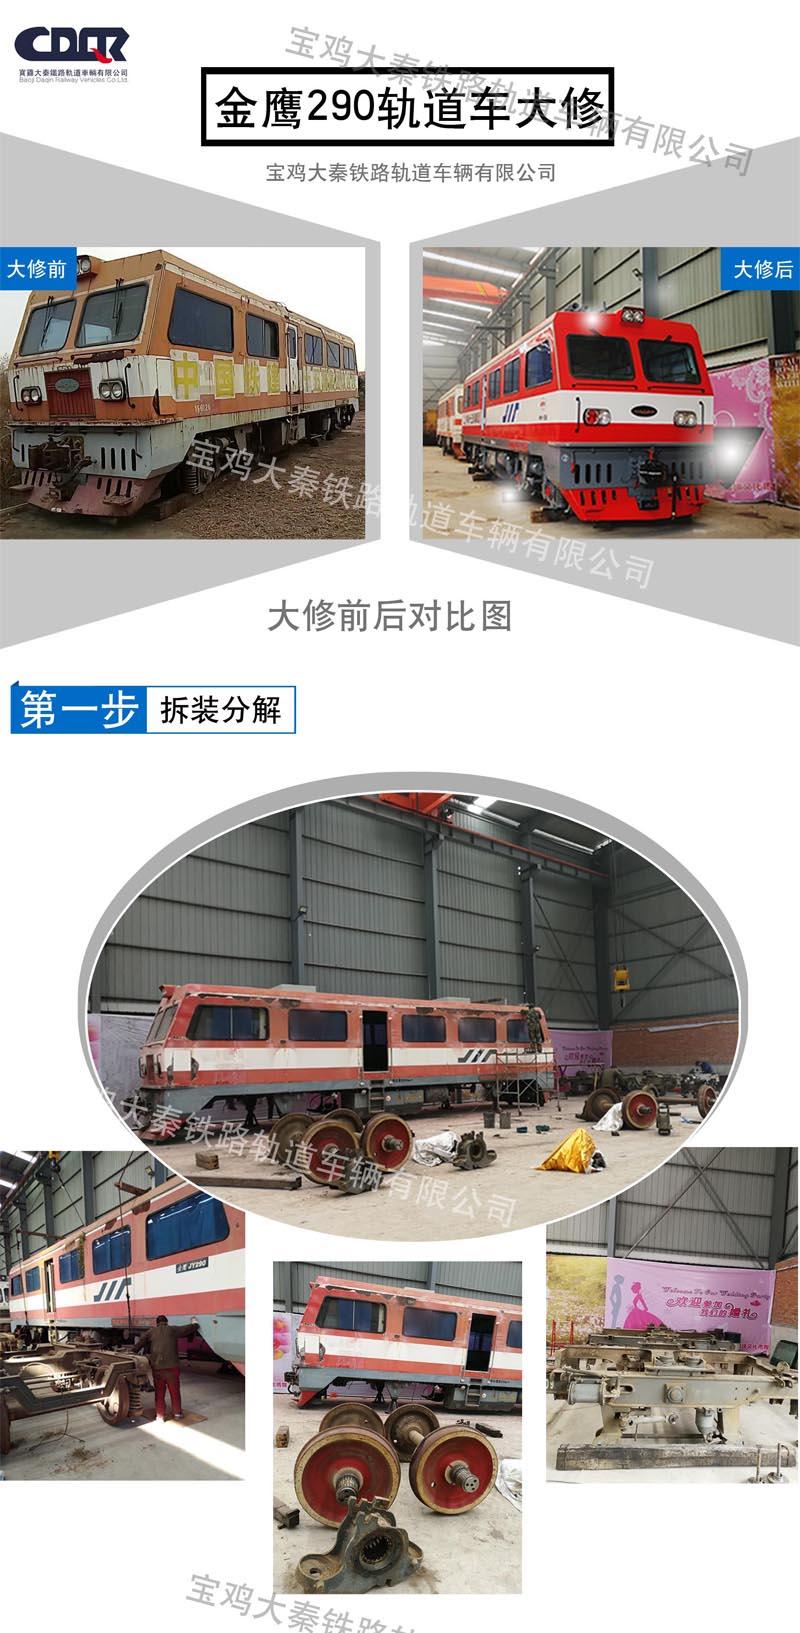 轨道车大修分图1.jpg